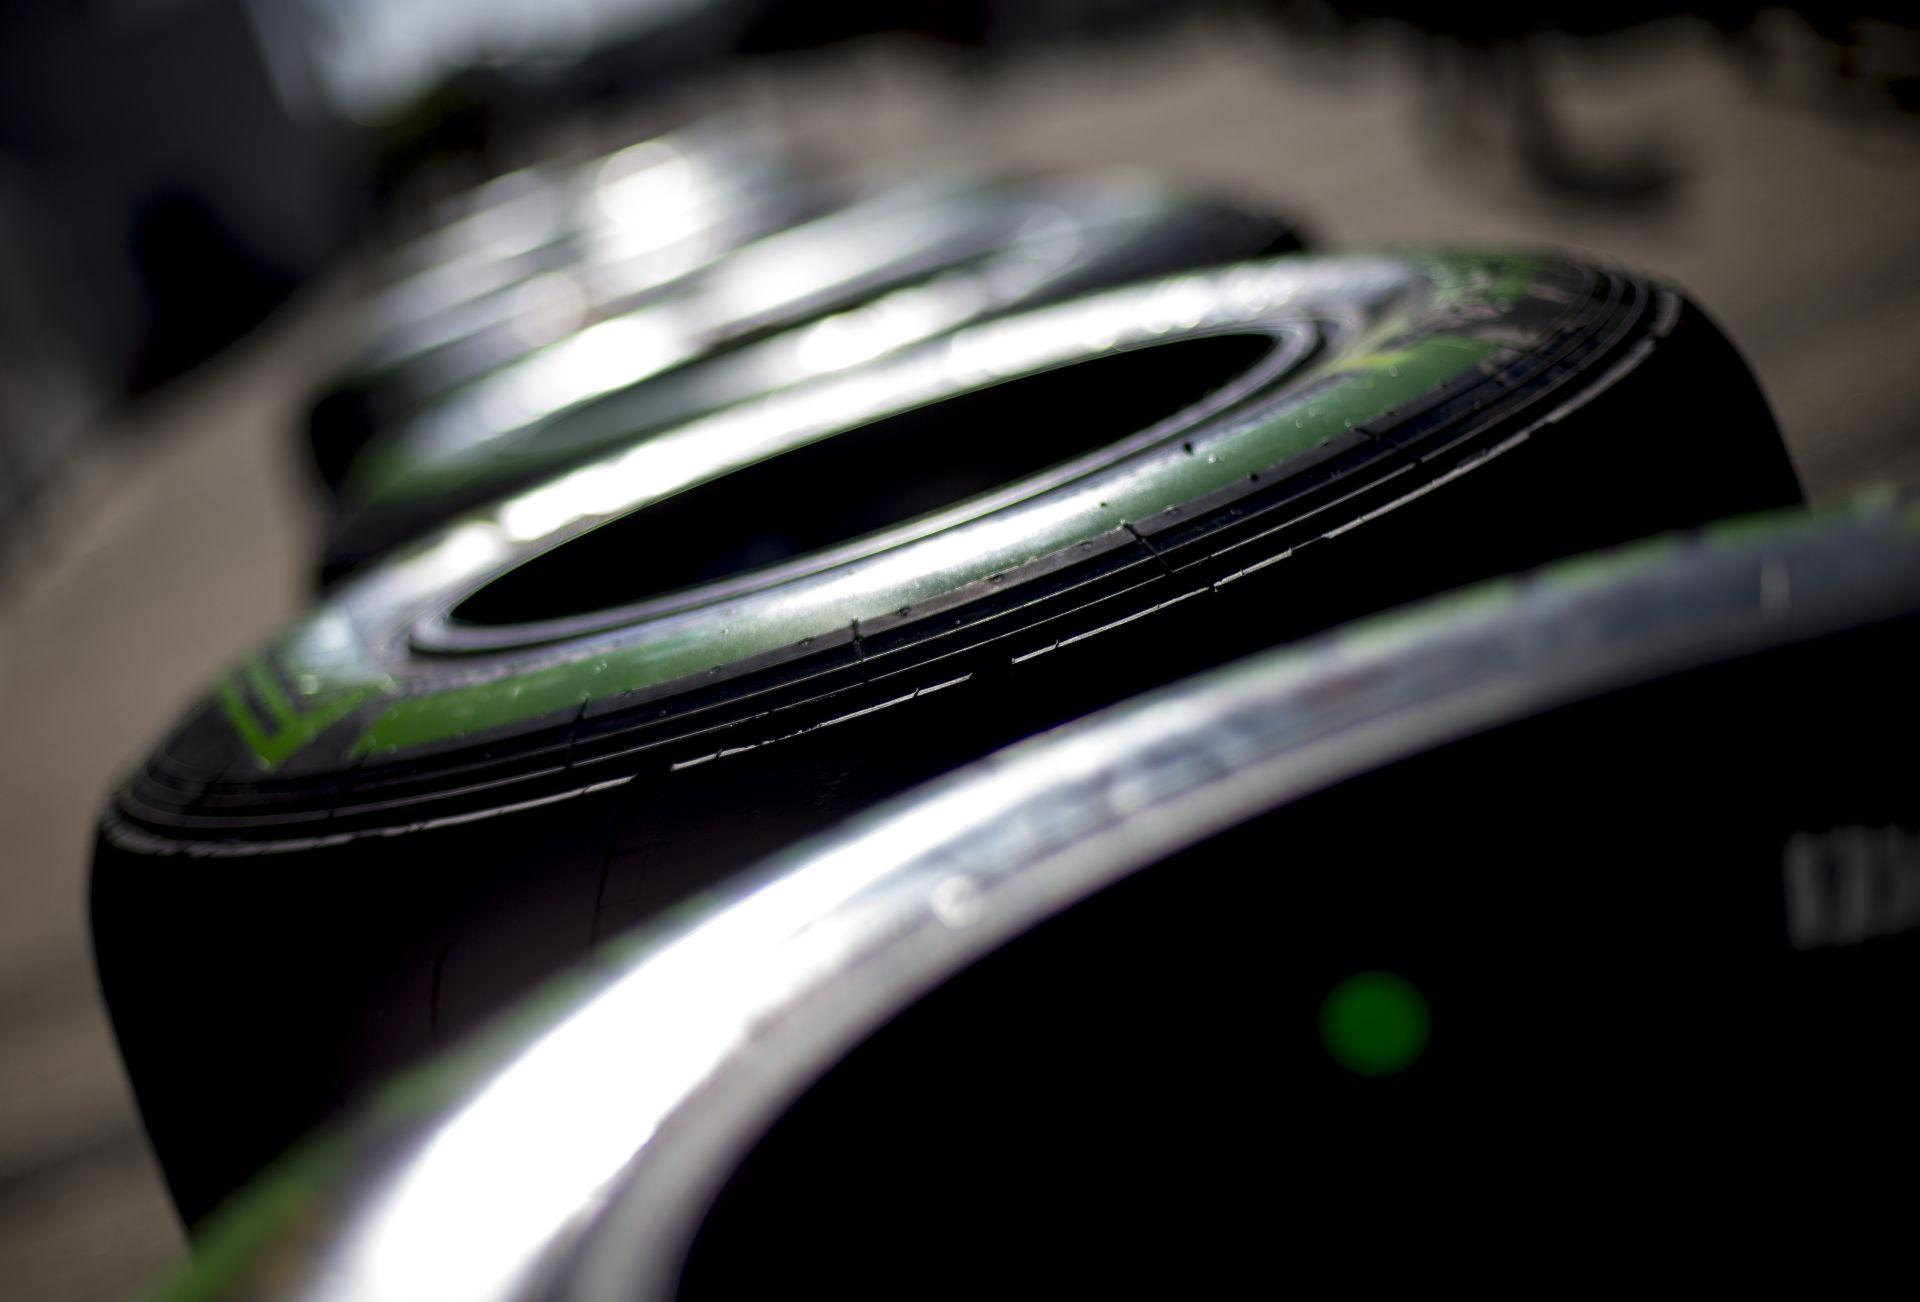 Tipikus F1: gumifronton van ígéret, a technikai szabályok terén ismét semmi